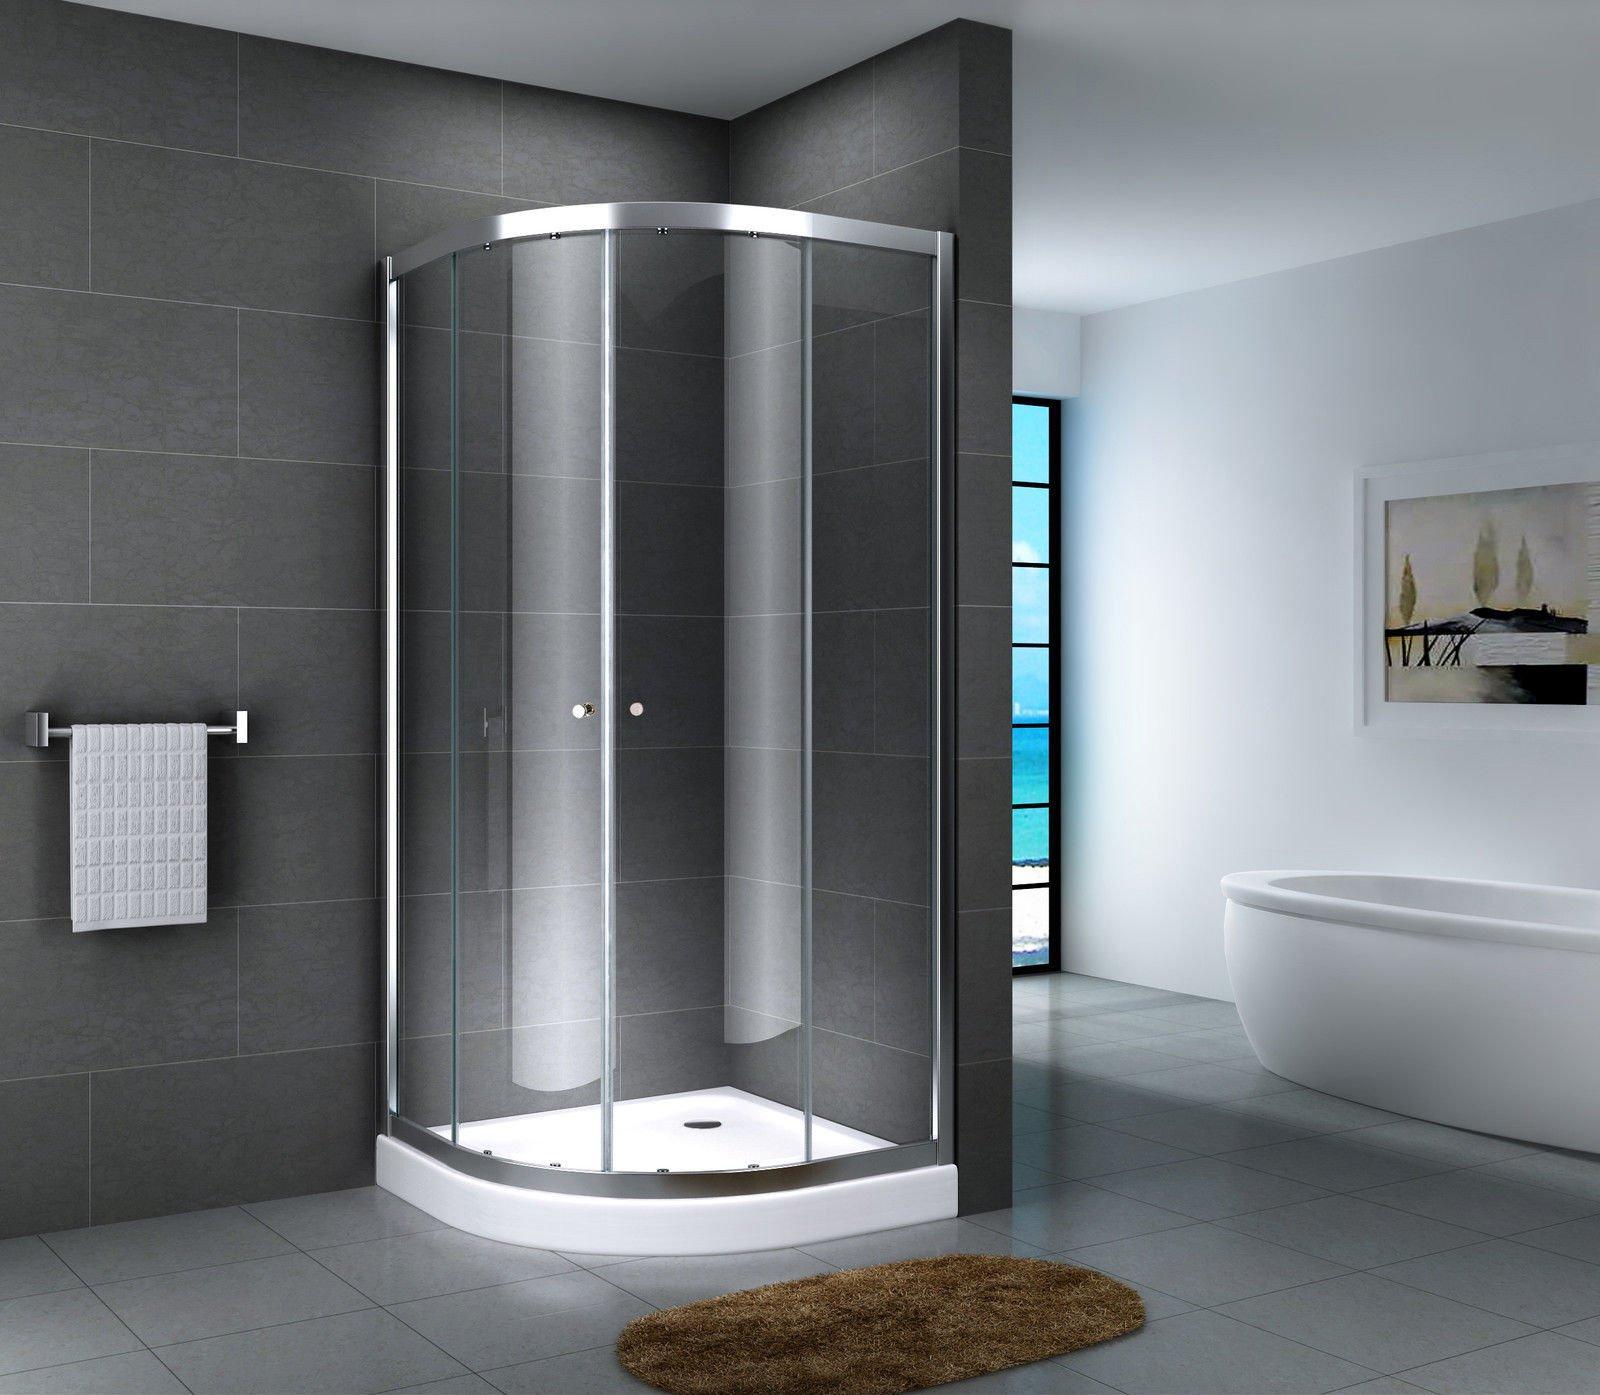 Cabina de ducha en forma de cuarto de círculo para esquina, mampara de cristal ESG, plato de ducha, puerta corredera, ducha completa, transparente, cristal opalino satinado duchas, vidrio de seguridad, 80 x